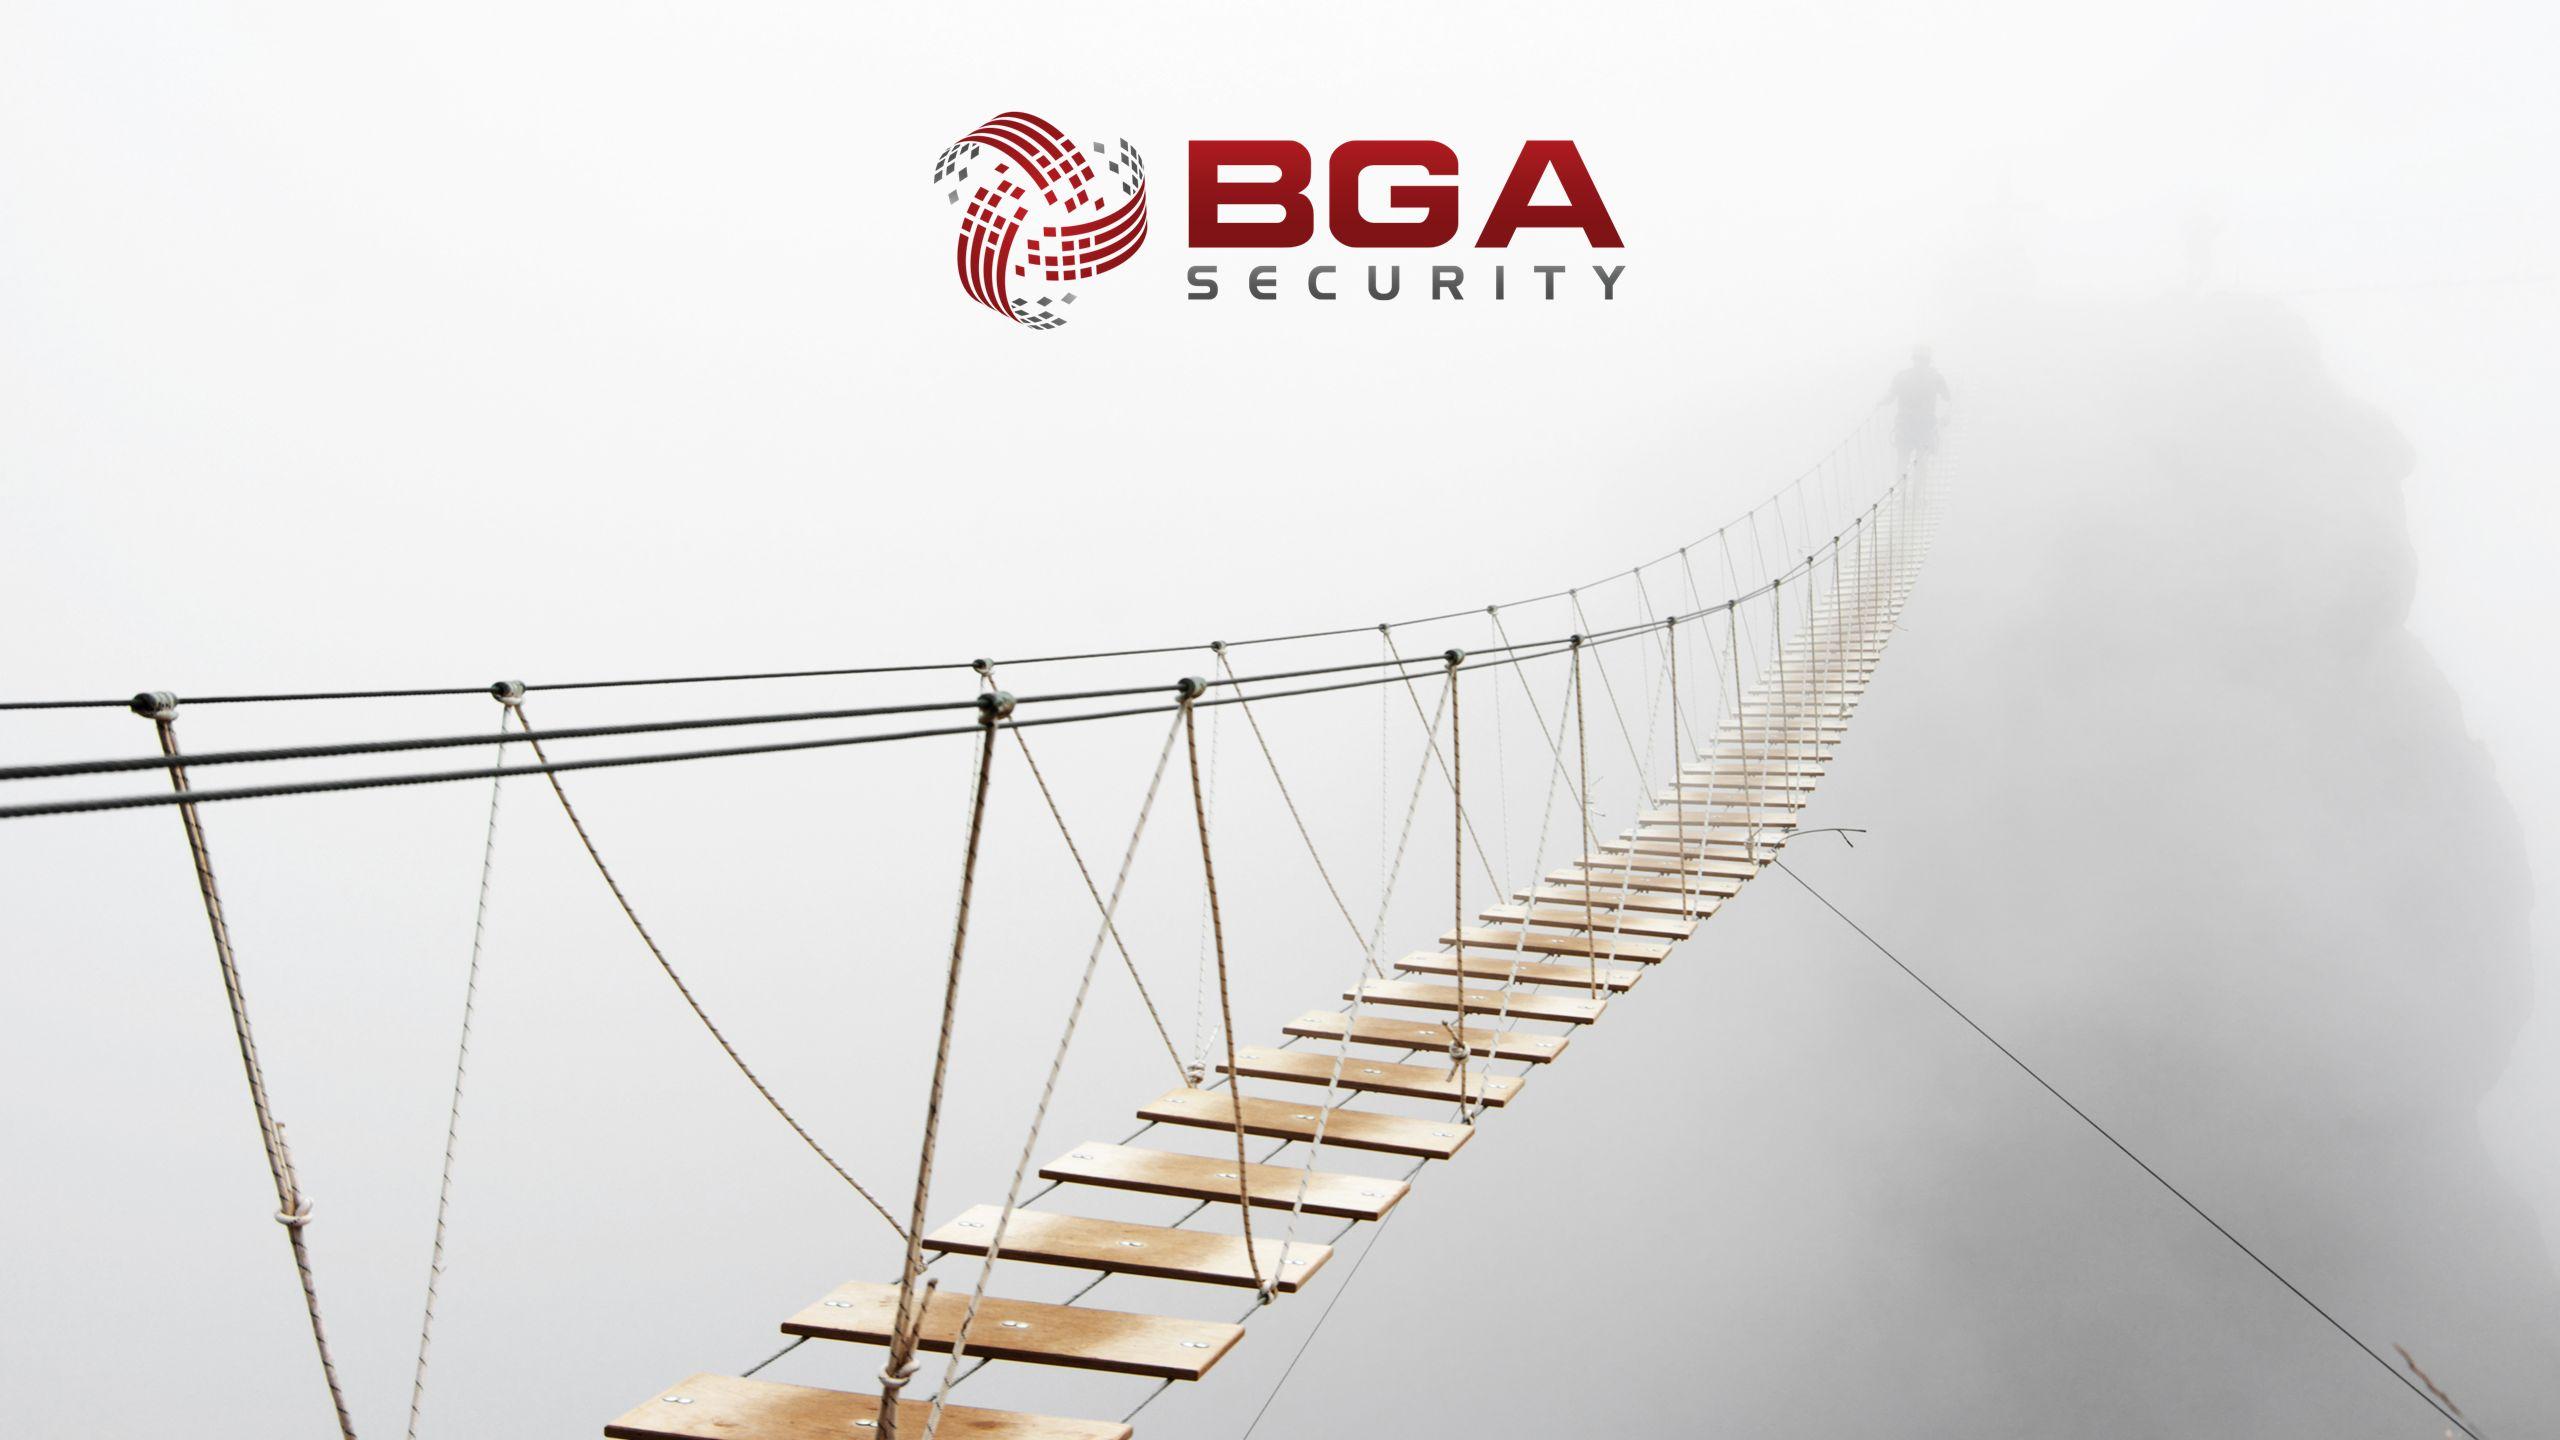 12 Bilgi Güvenliği Farkındalık Programı Kurum çalışanları için farklı senaryolarla oltalama testleri gerçekleştirmek ve farkındalık düzeylerini artıracak kampanyalar oluşturuyoruz.